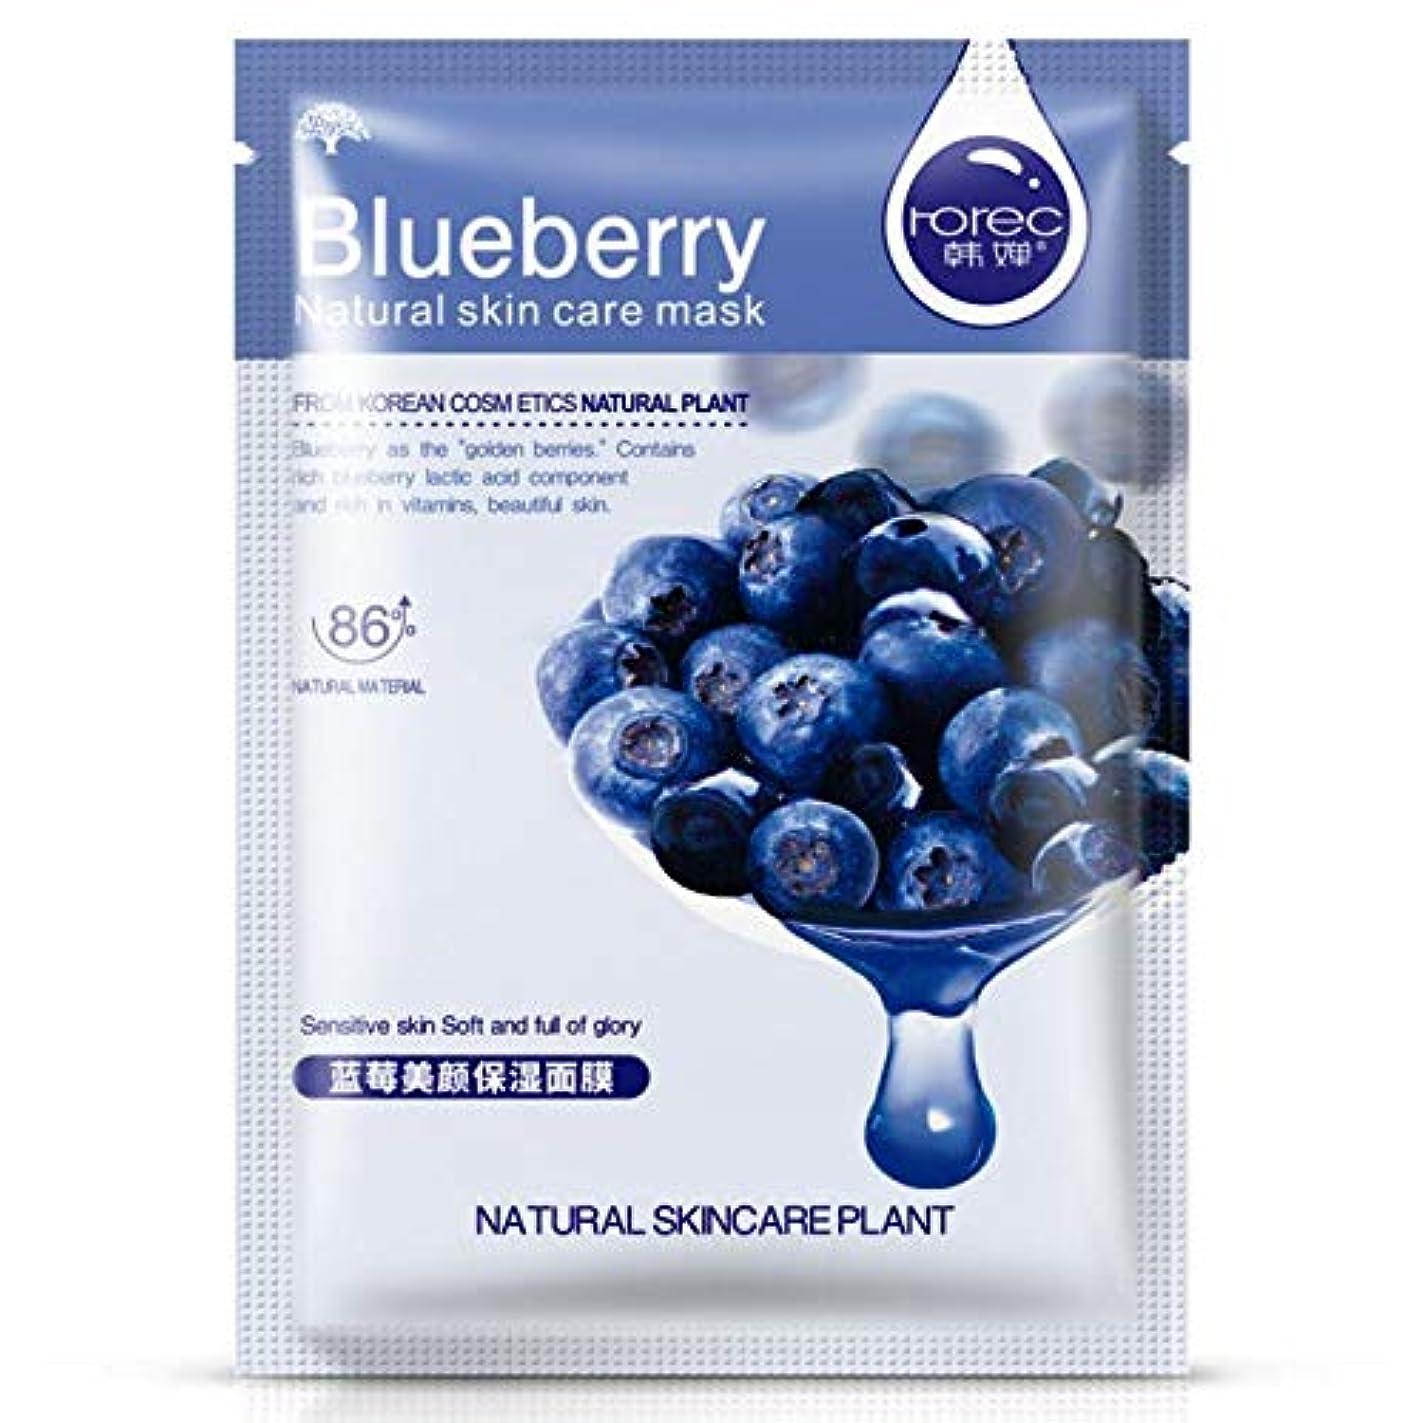 初心者散る専門化する(Blueberry) Skin Care Plant Facial Mask Moisturizing Oil Control Blackhead Remover Wrapped Mask Face Mask Face...